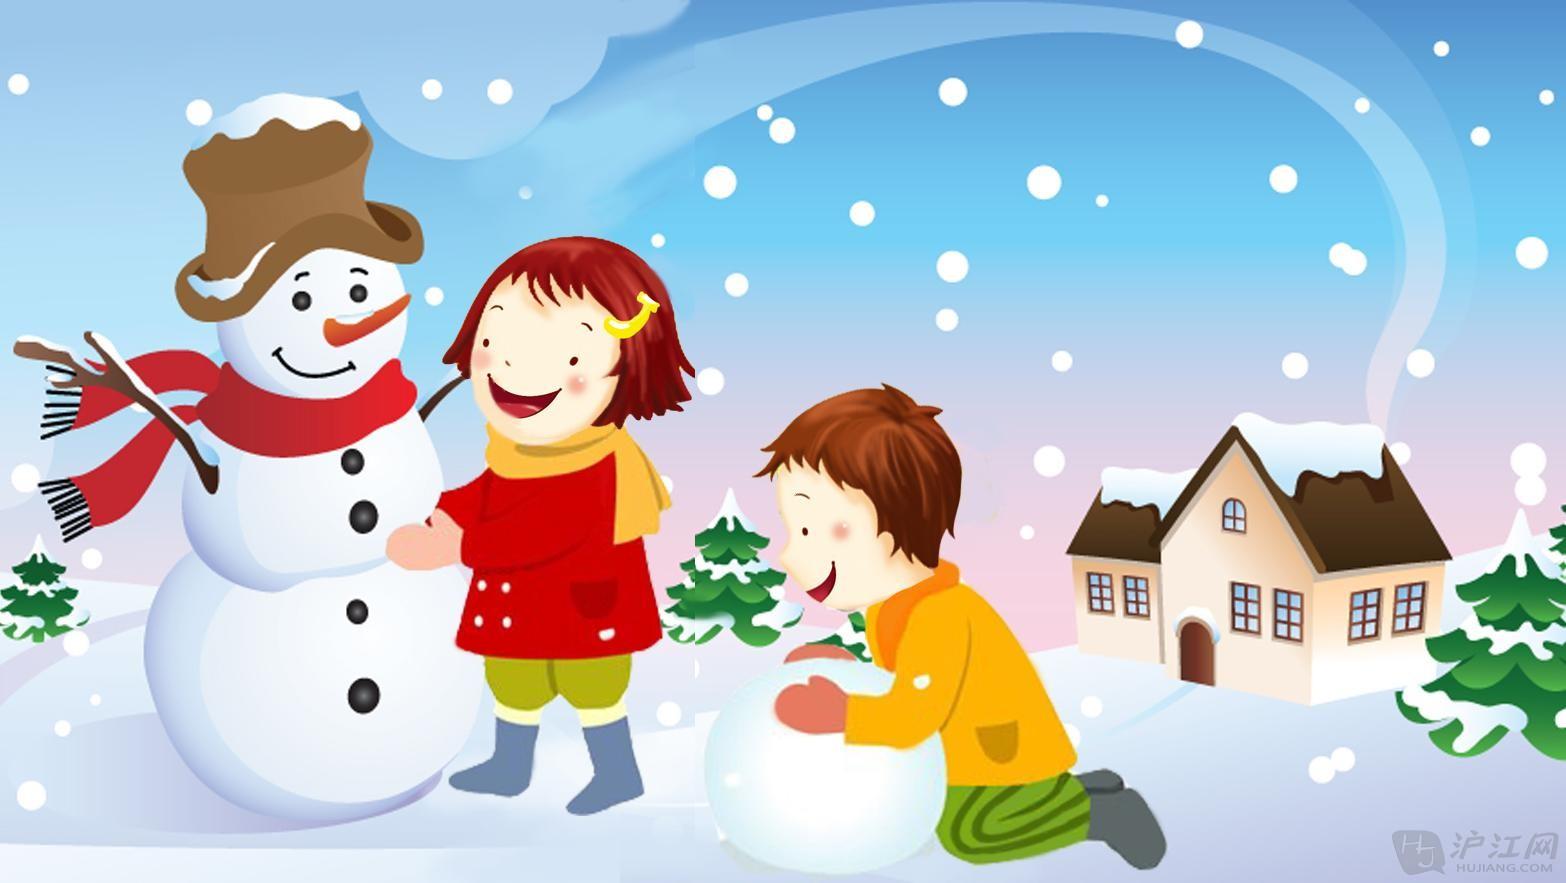 远远看去,小雪人正咧着嘴笑呢,真是 可爱极了!